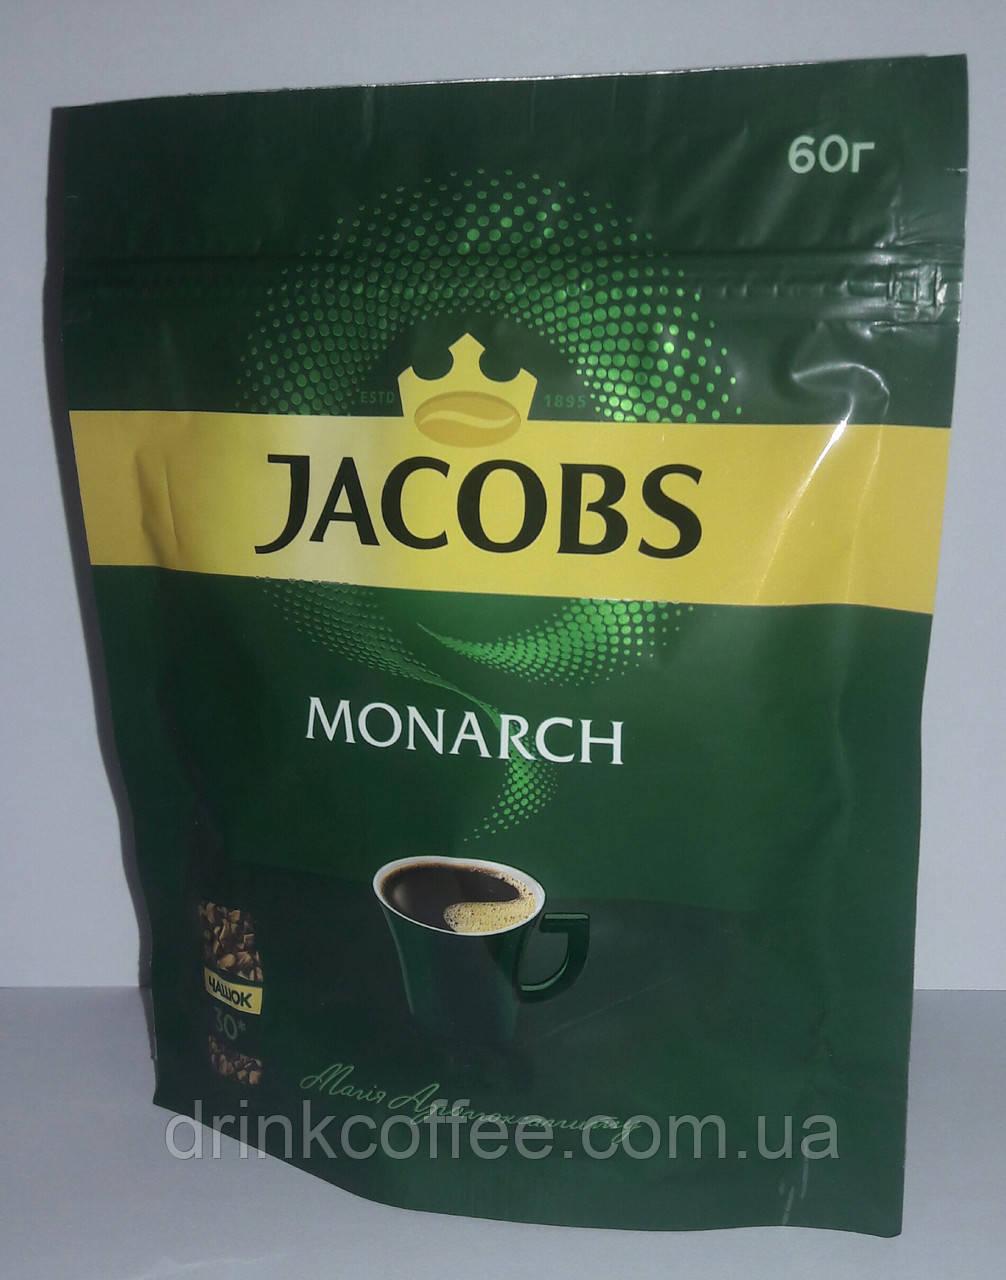 Кофе JACOBS Monarch, растворимый, 60g